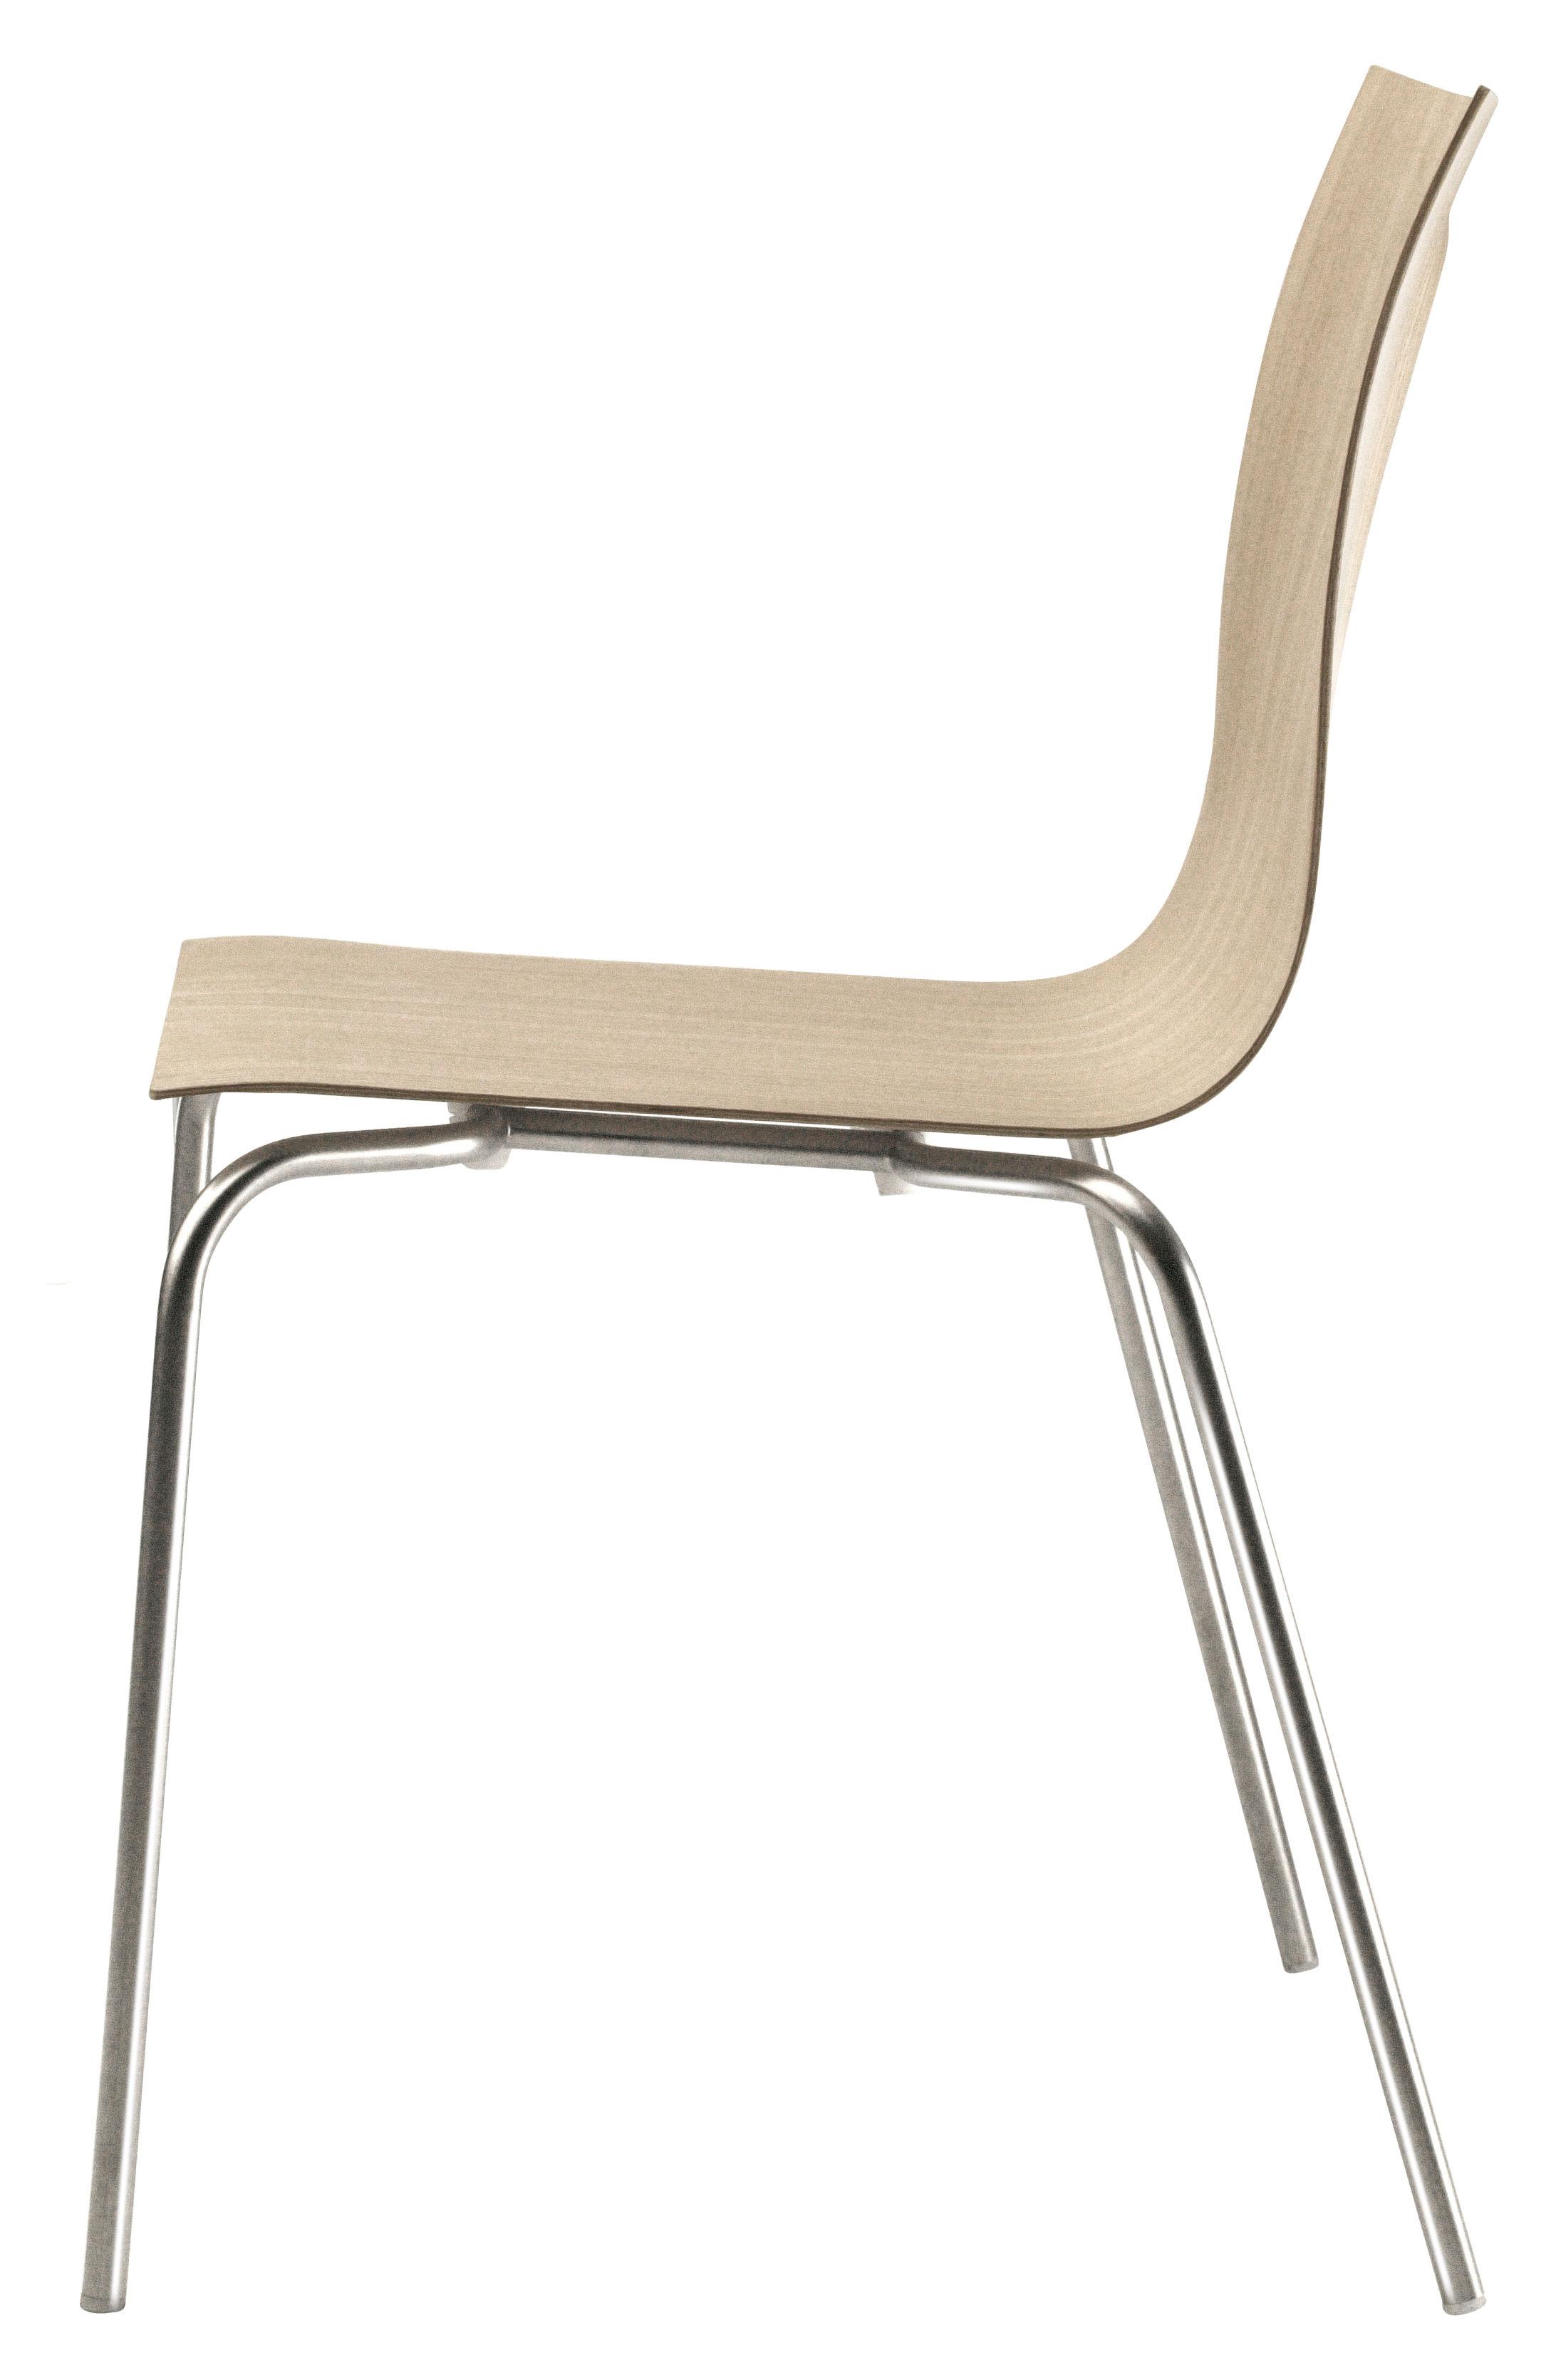 Möbel - Stühle  - Thin Stapelbarer Stuhl - Lapalma - Gebleichte Eiche - gebleichtes Eichensperrholz, mattierter Stahl